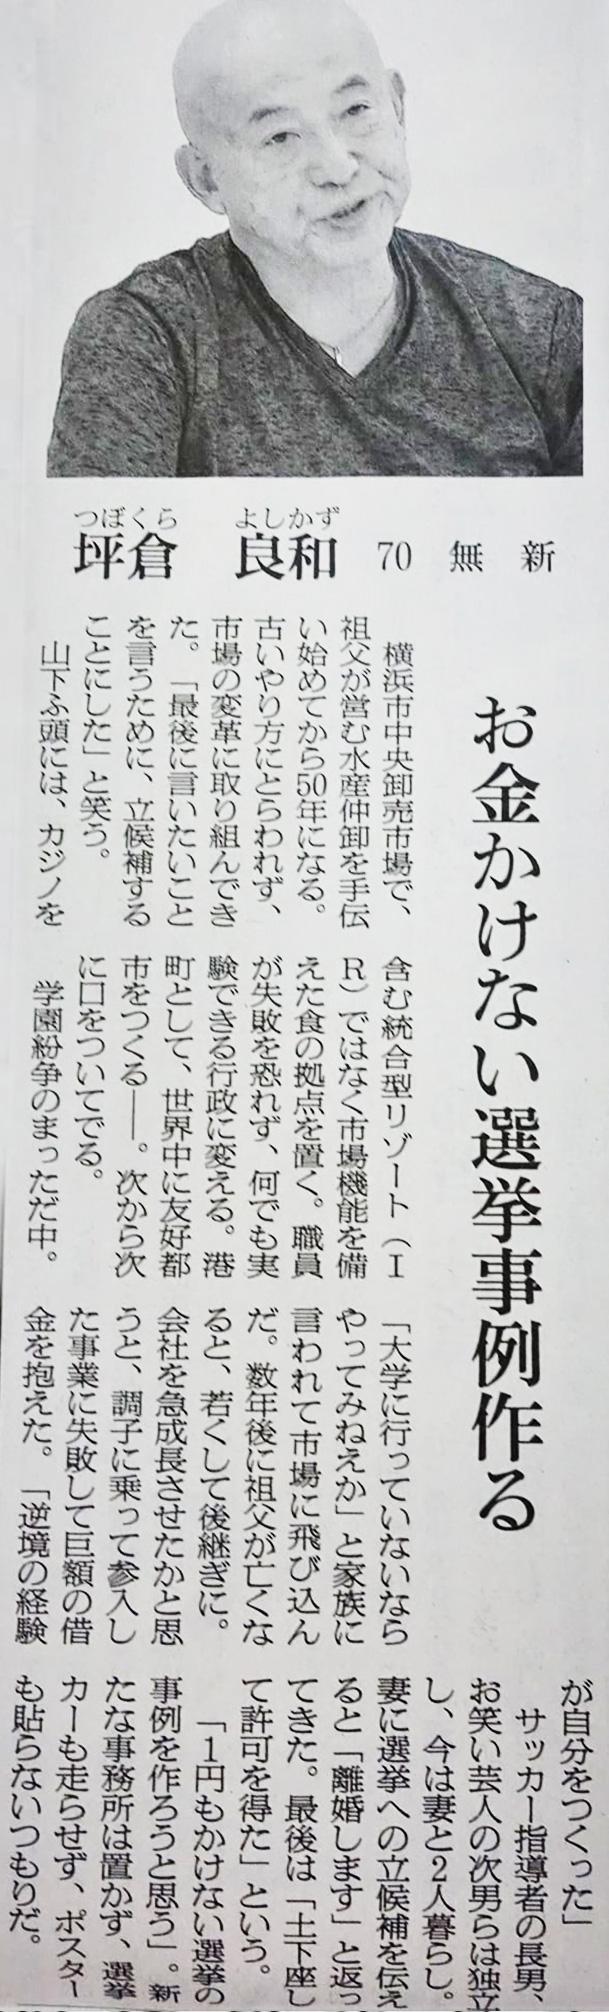 8月11日朝日新聞坪倉良和選挙記事